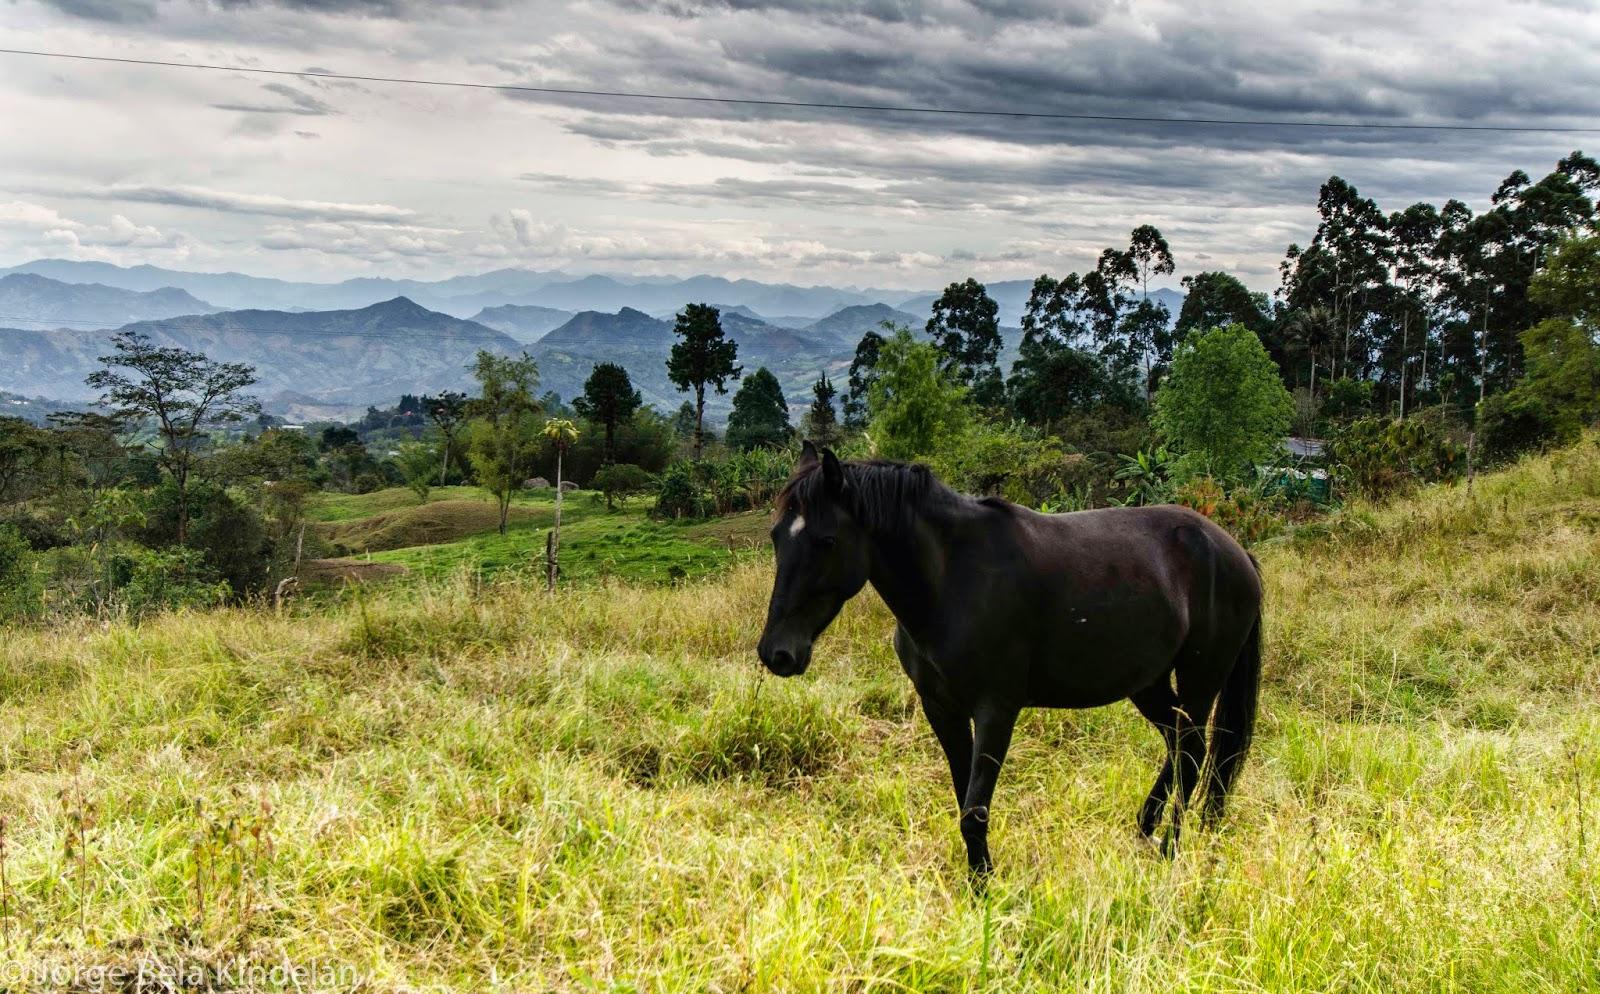 Animales y paisaje amenizan el paseo hacia Honda. Foto: Jorge Bela